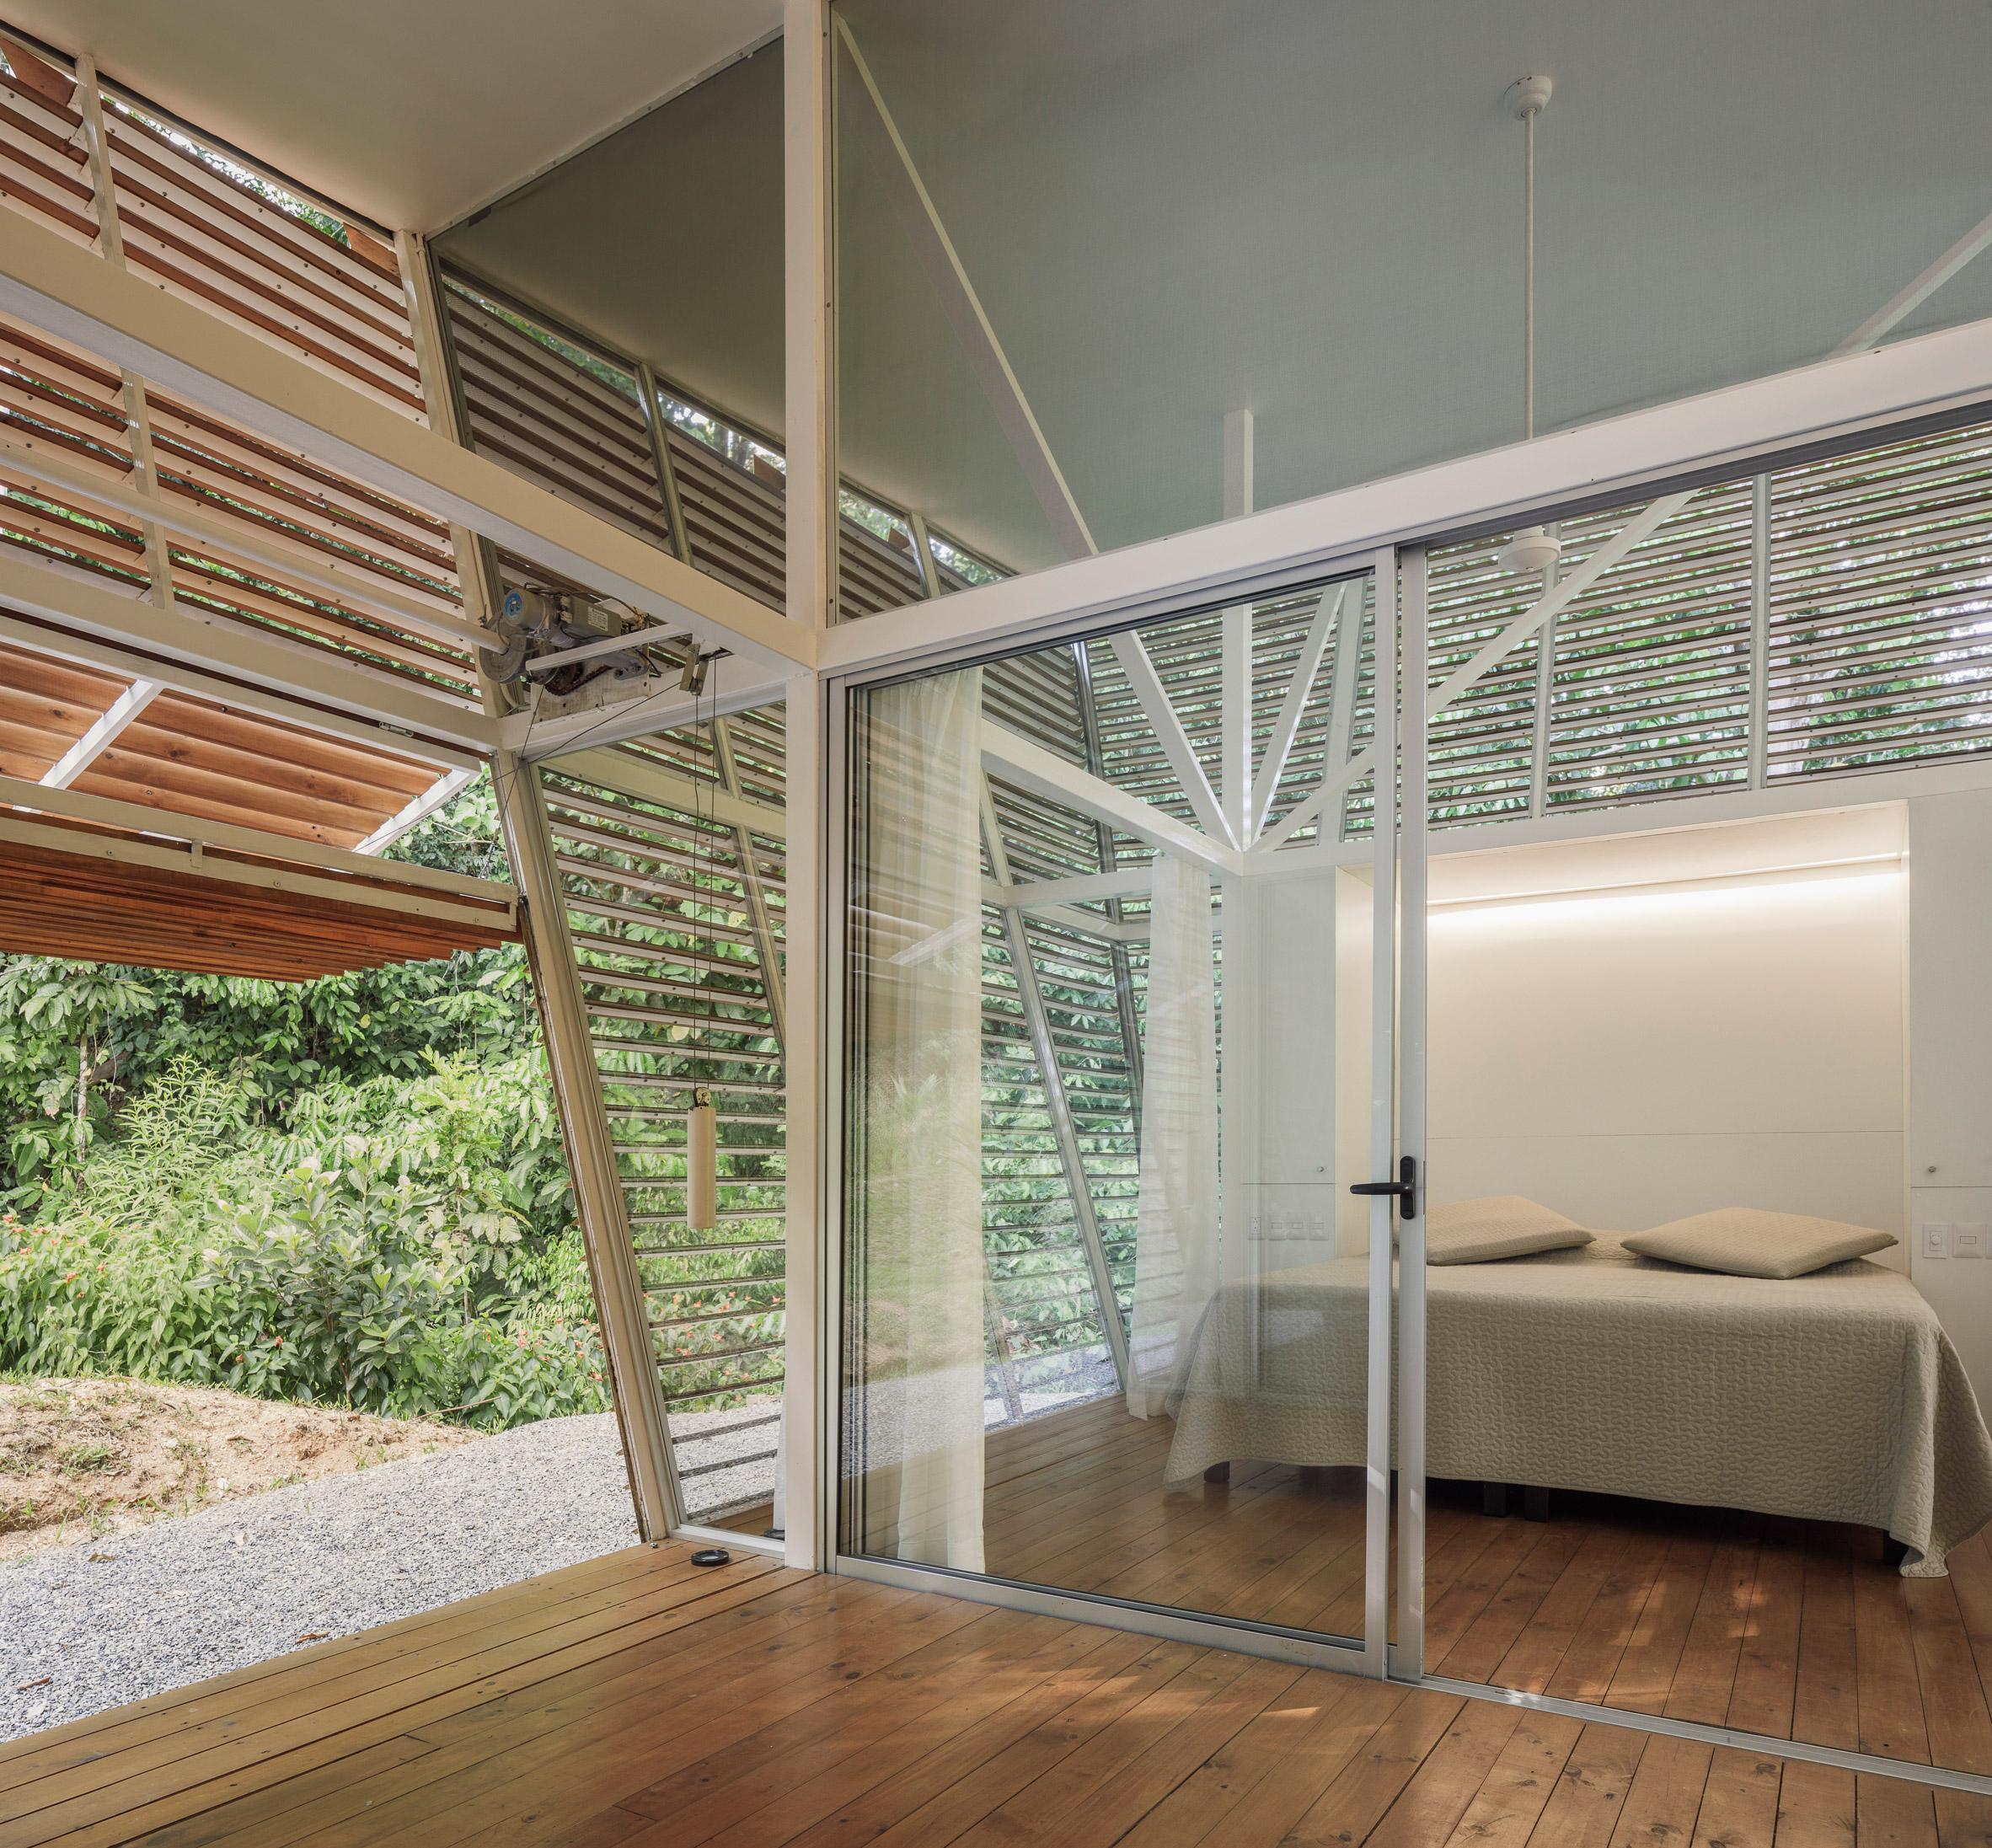 Dormitorio / Fernando Alda/A-01